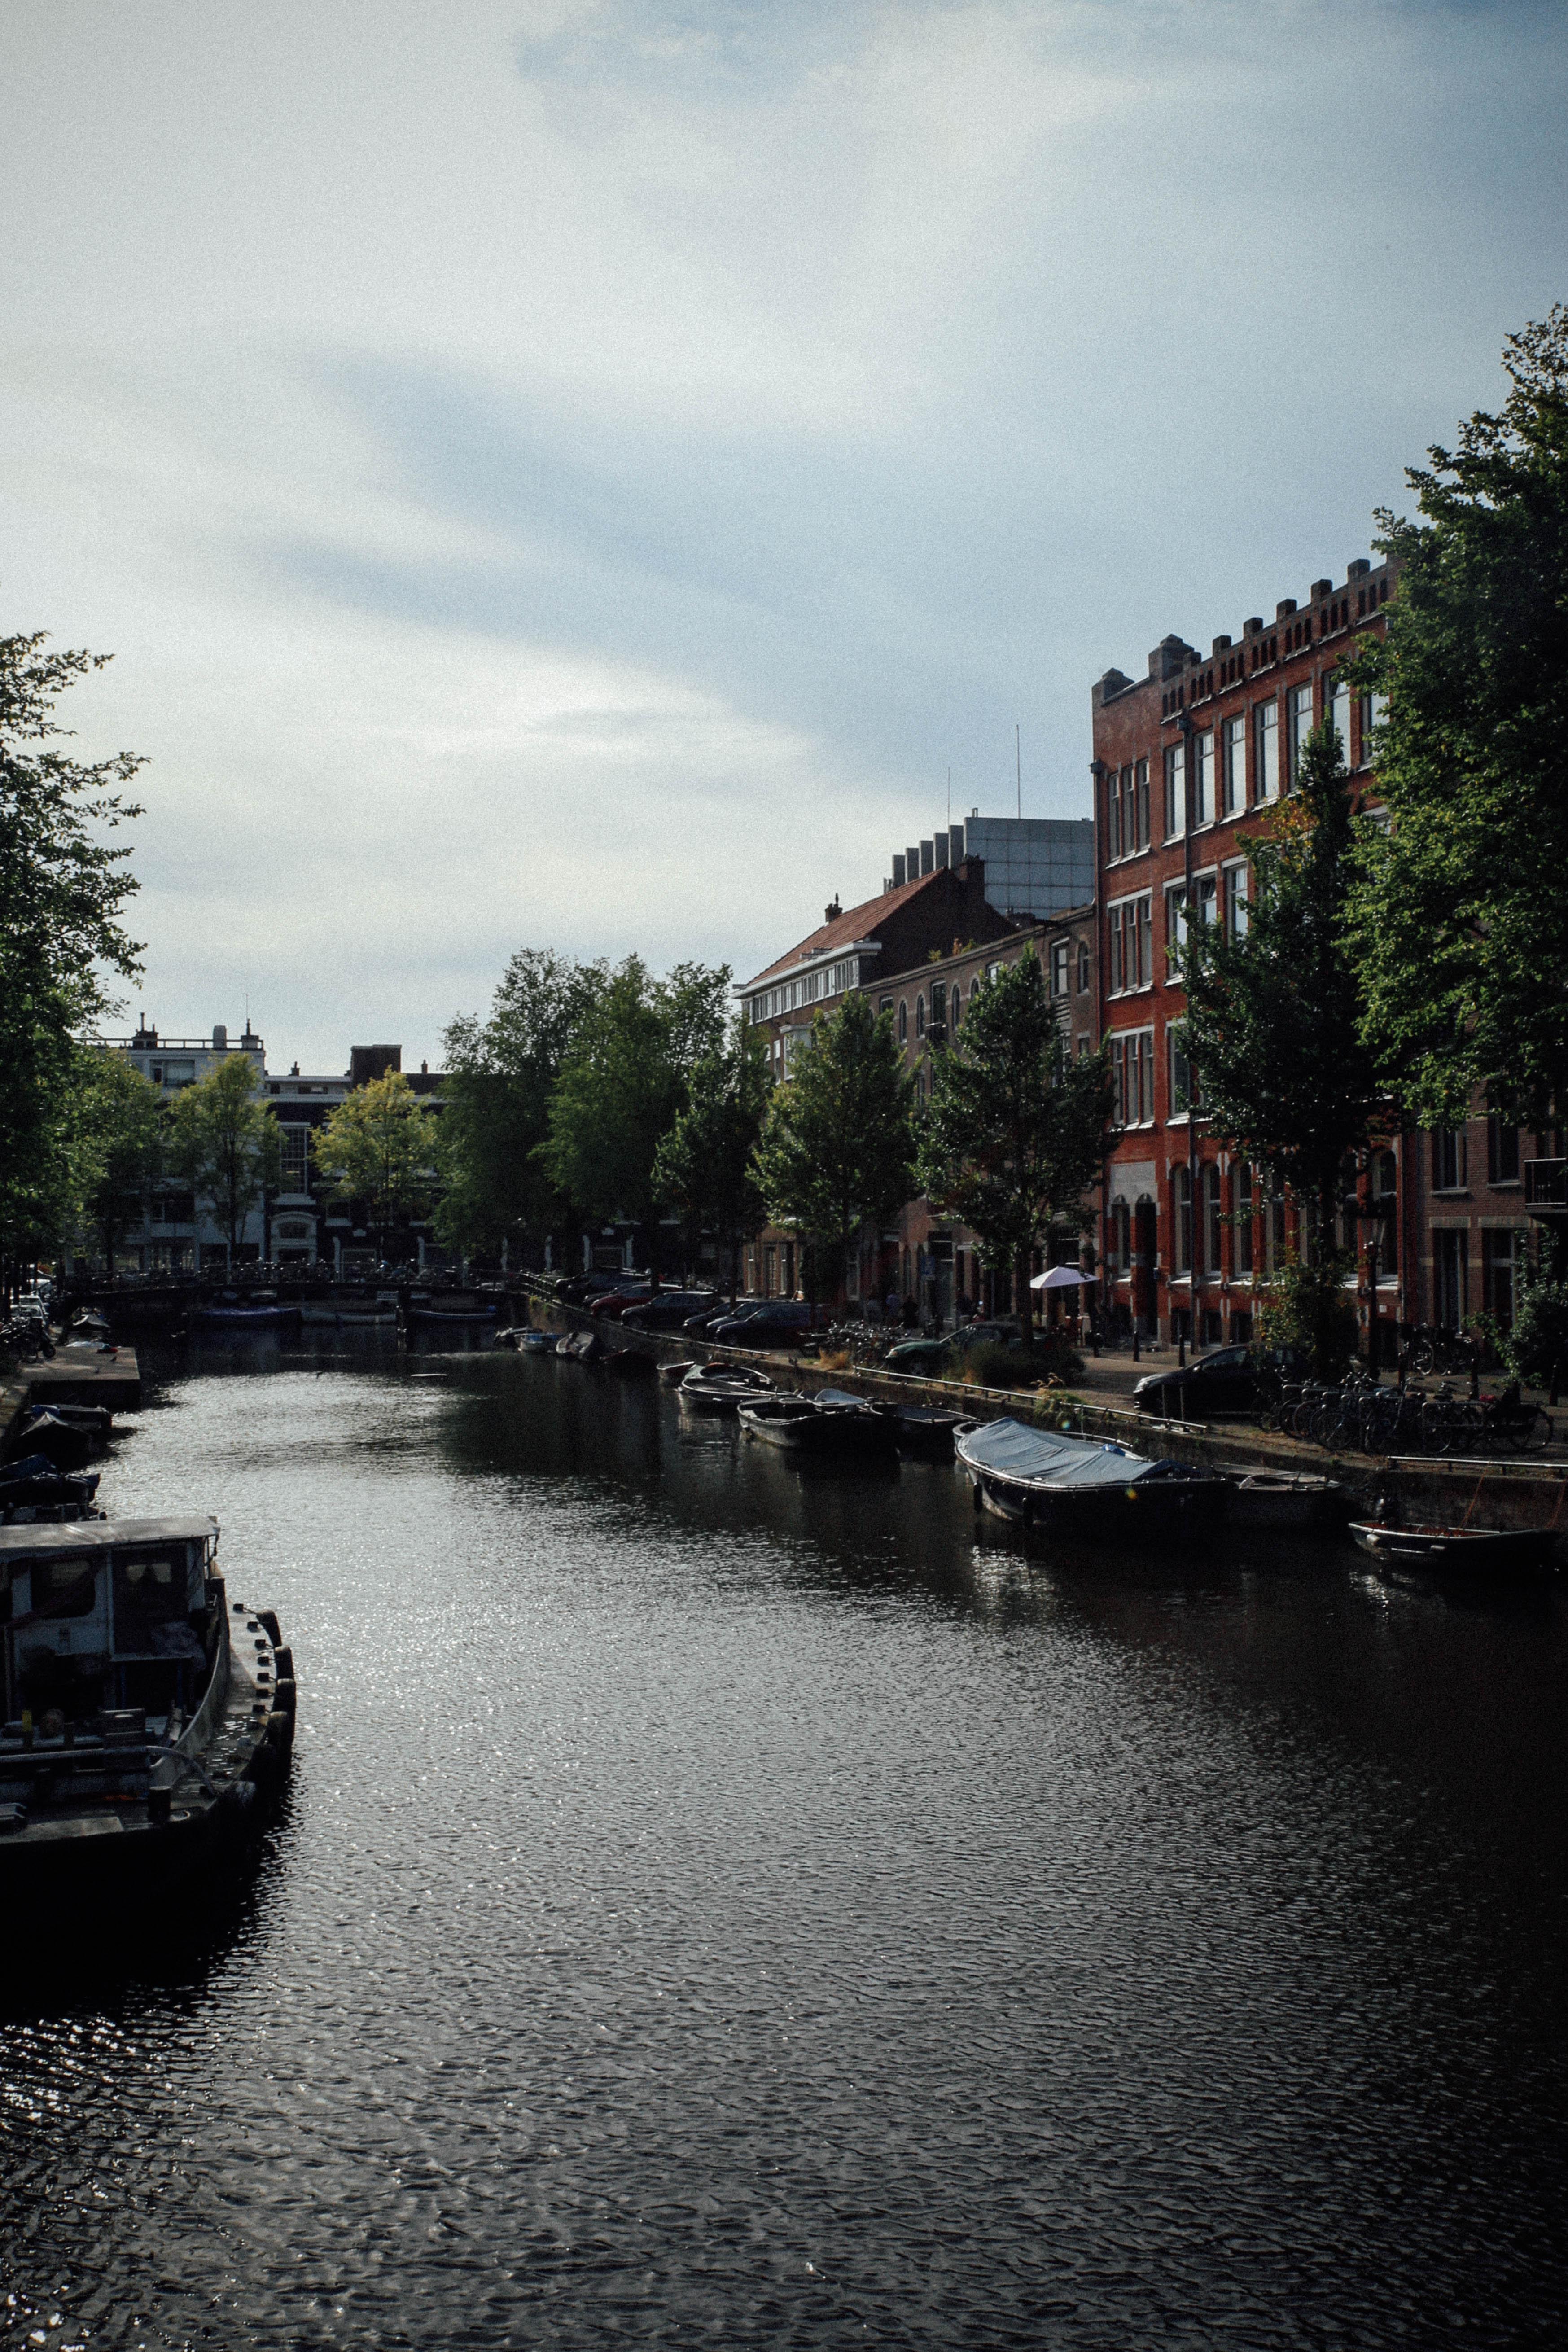 megandcook-voyage-amsterdam-59-1-sur-1